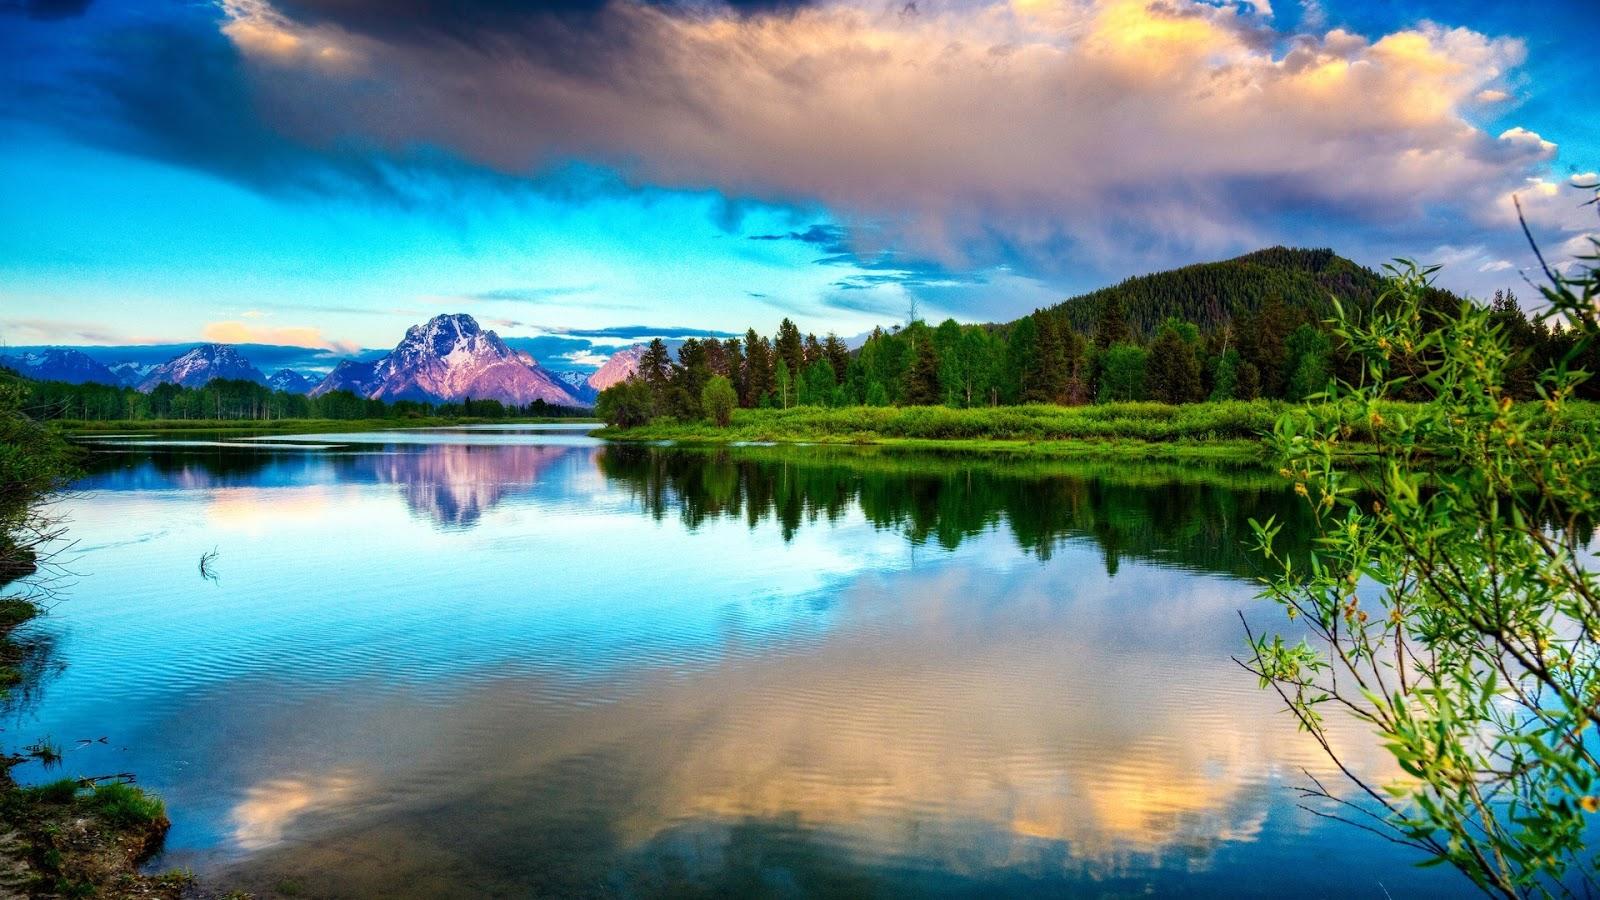 مجموعة من صور الخضرة مع المياه